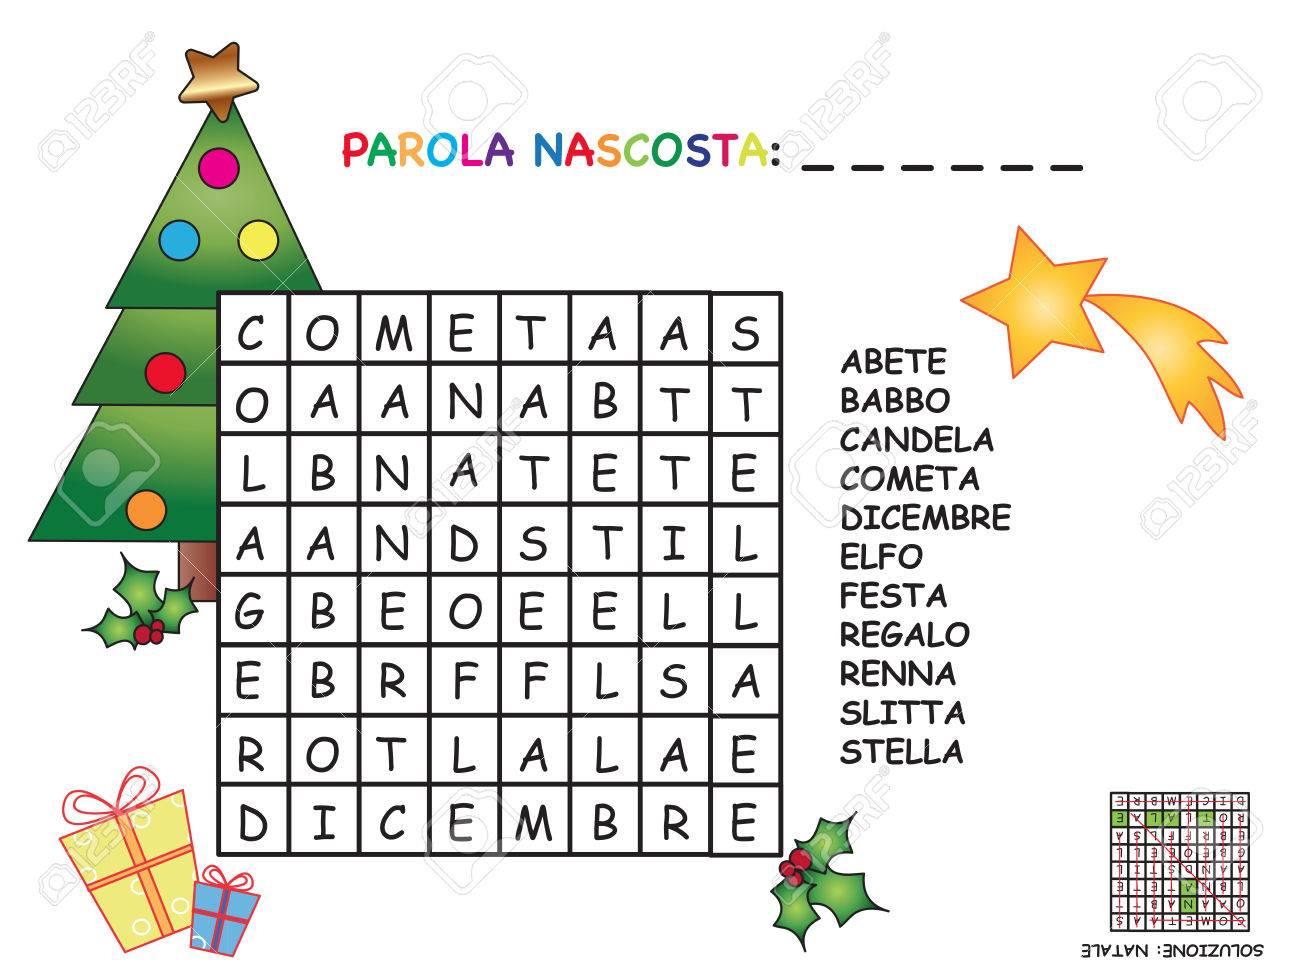 Mots Croisés En Italien Pour Noël concernant Mots Croisés Enfants À Imprimer